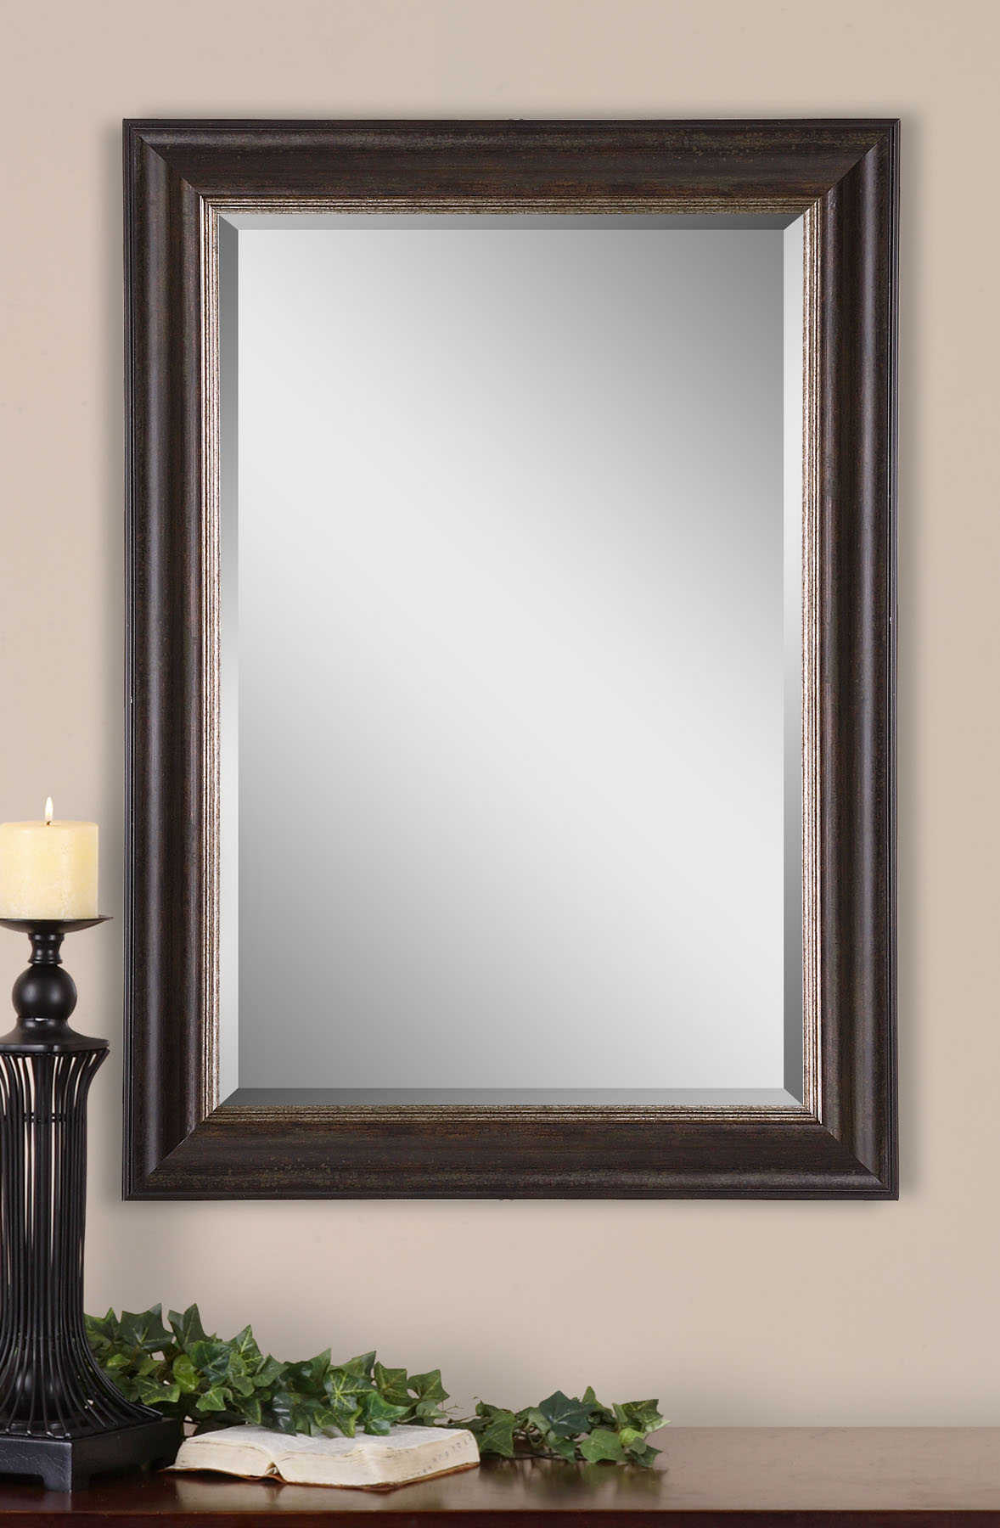 Fayette Mirror 2 Per Box Uttermost Rustic Wall Mirrors Mirror Wall Bedroom Wall Mirrors Set